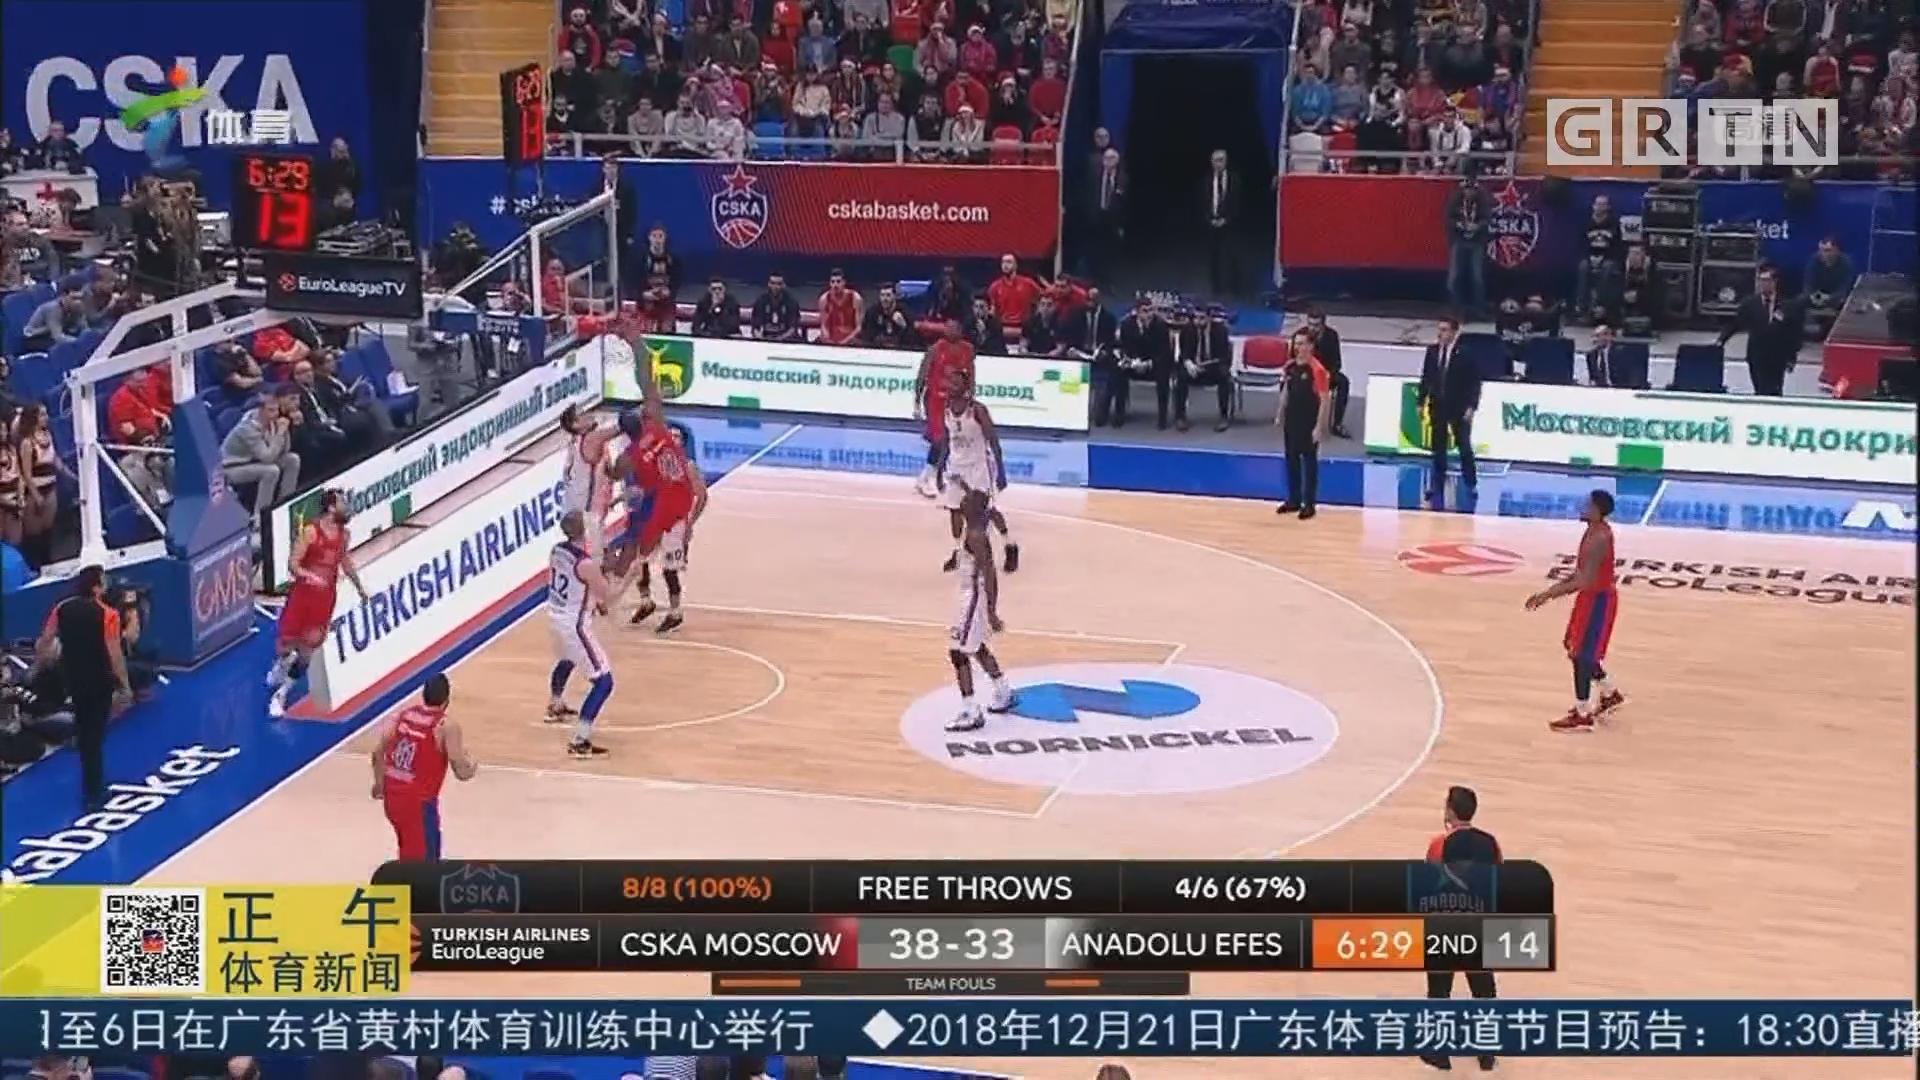 欧洲篮球联赛第14轮激战连场